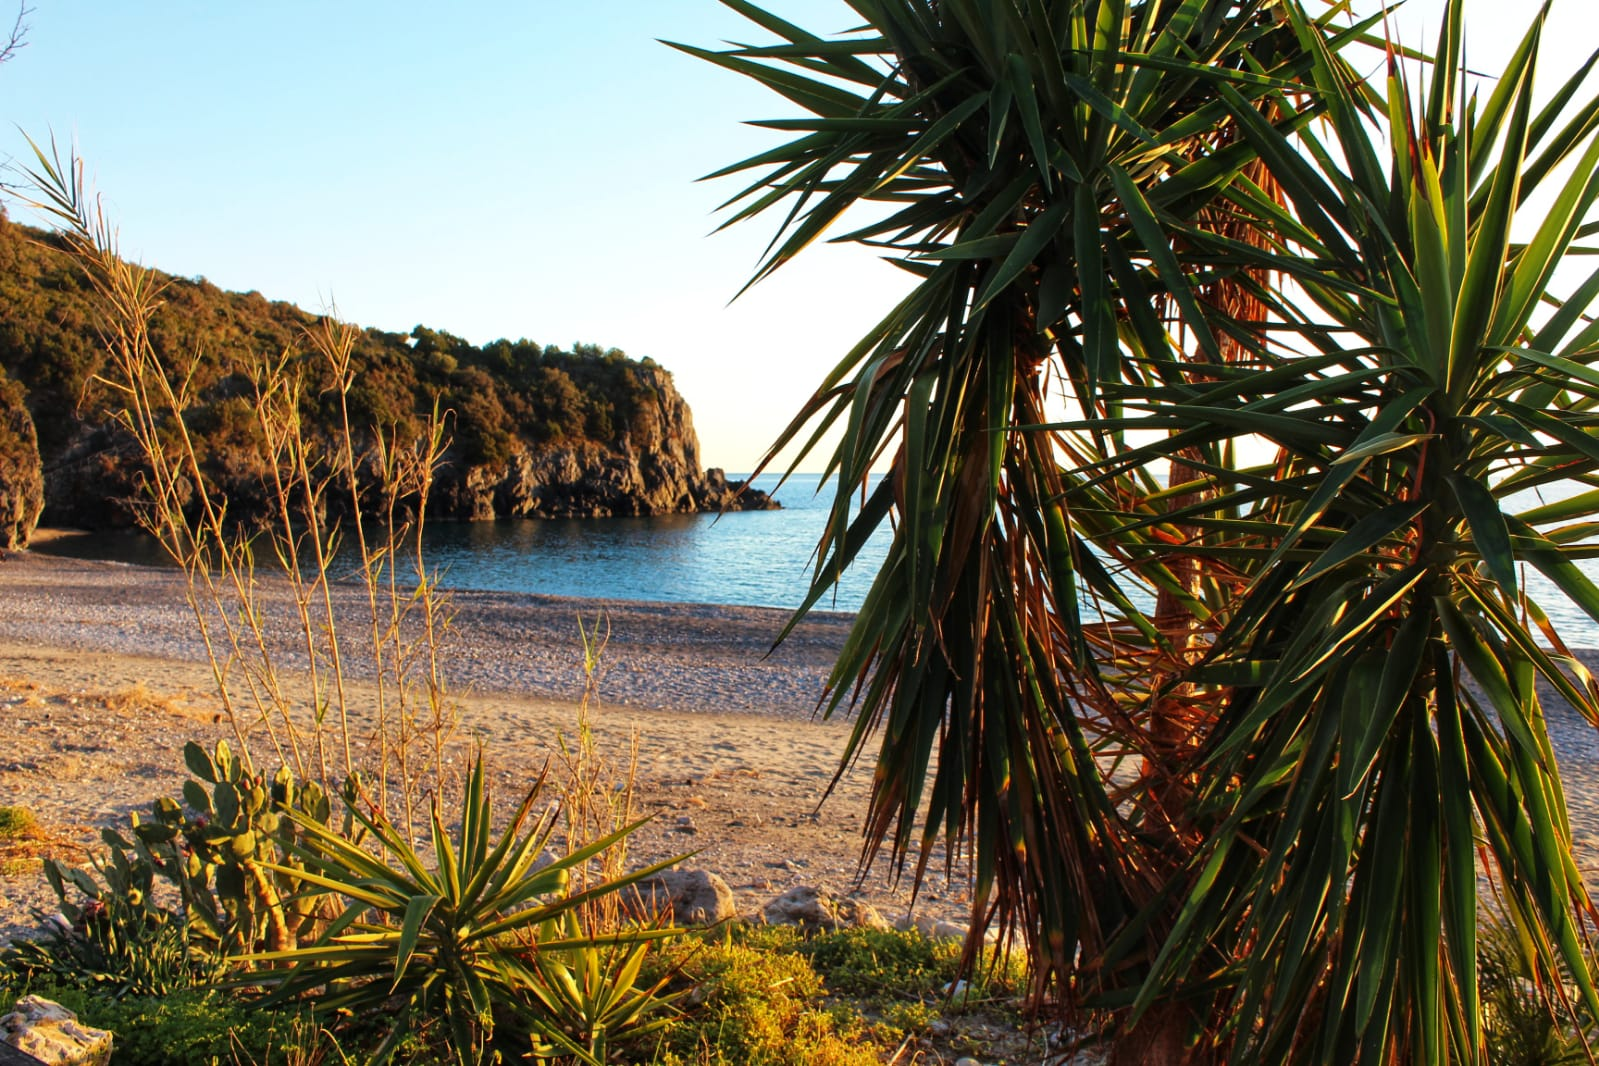 La spiaggia di Lentiscelle a Marina di Camerota